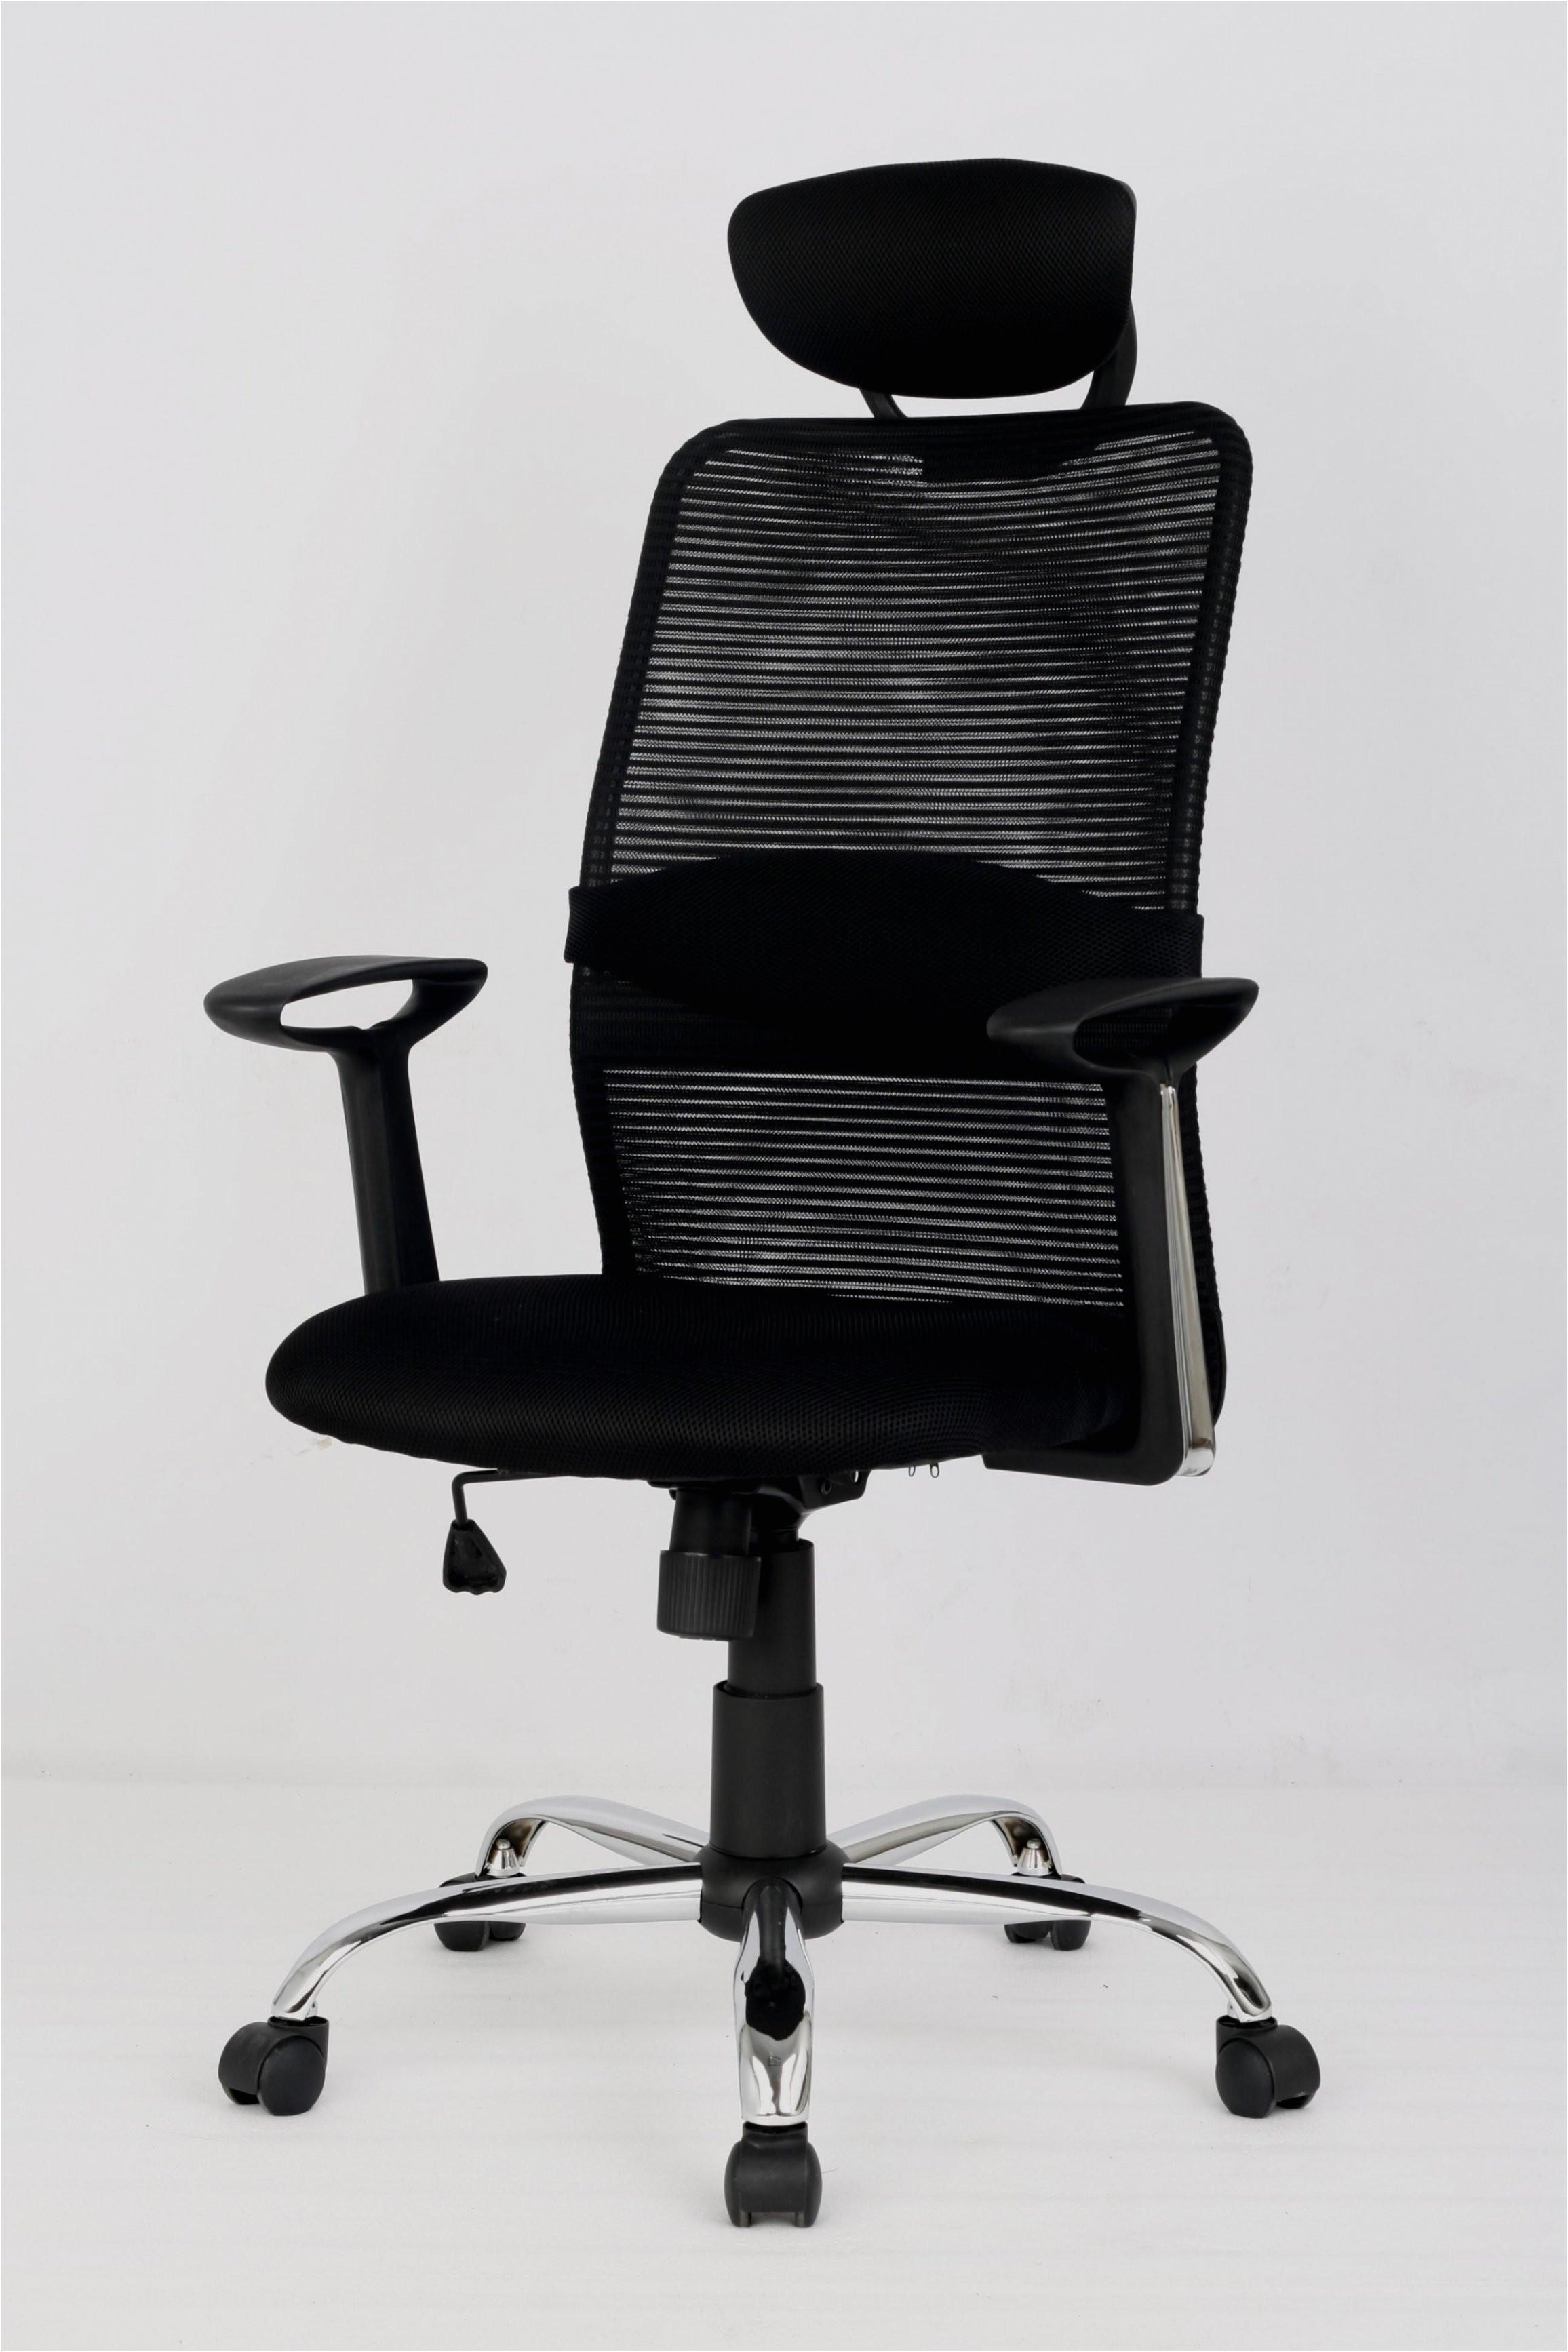 image of una silla ergonomica para icina el modelo oxford